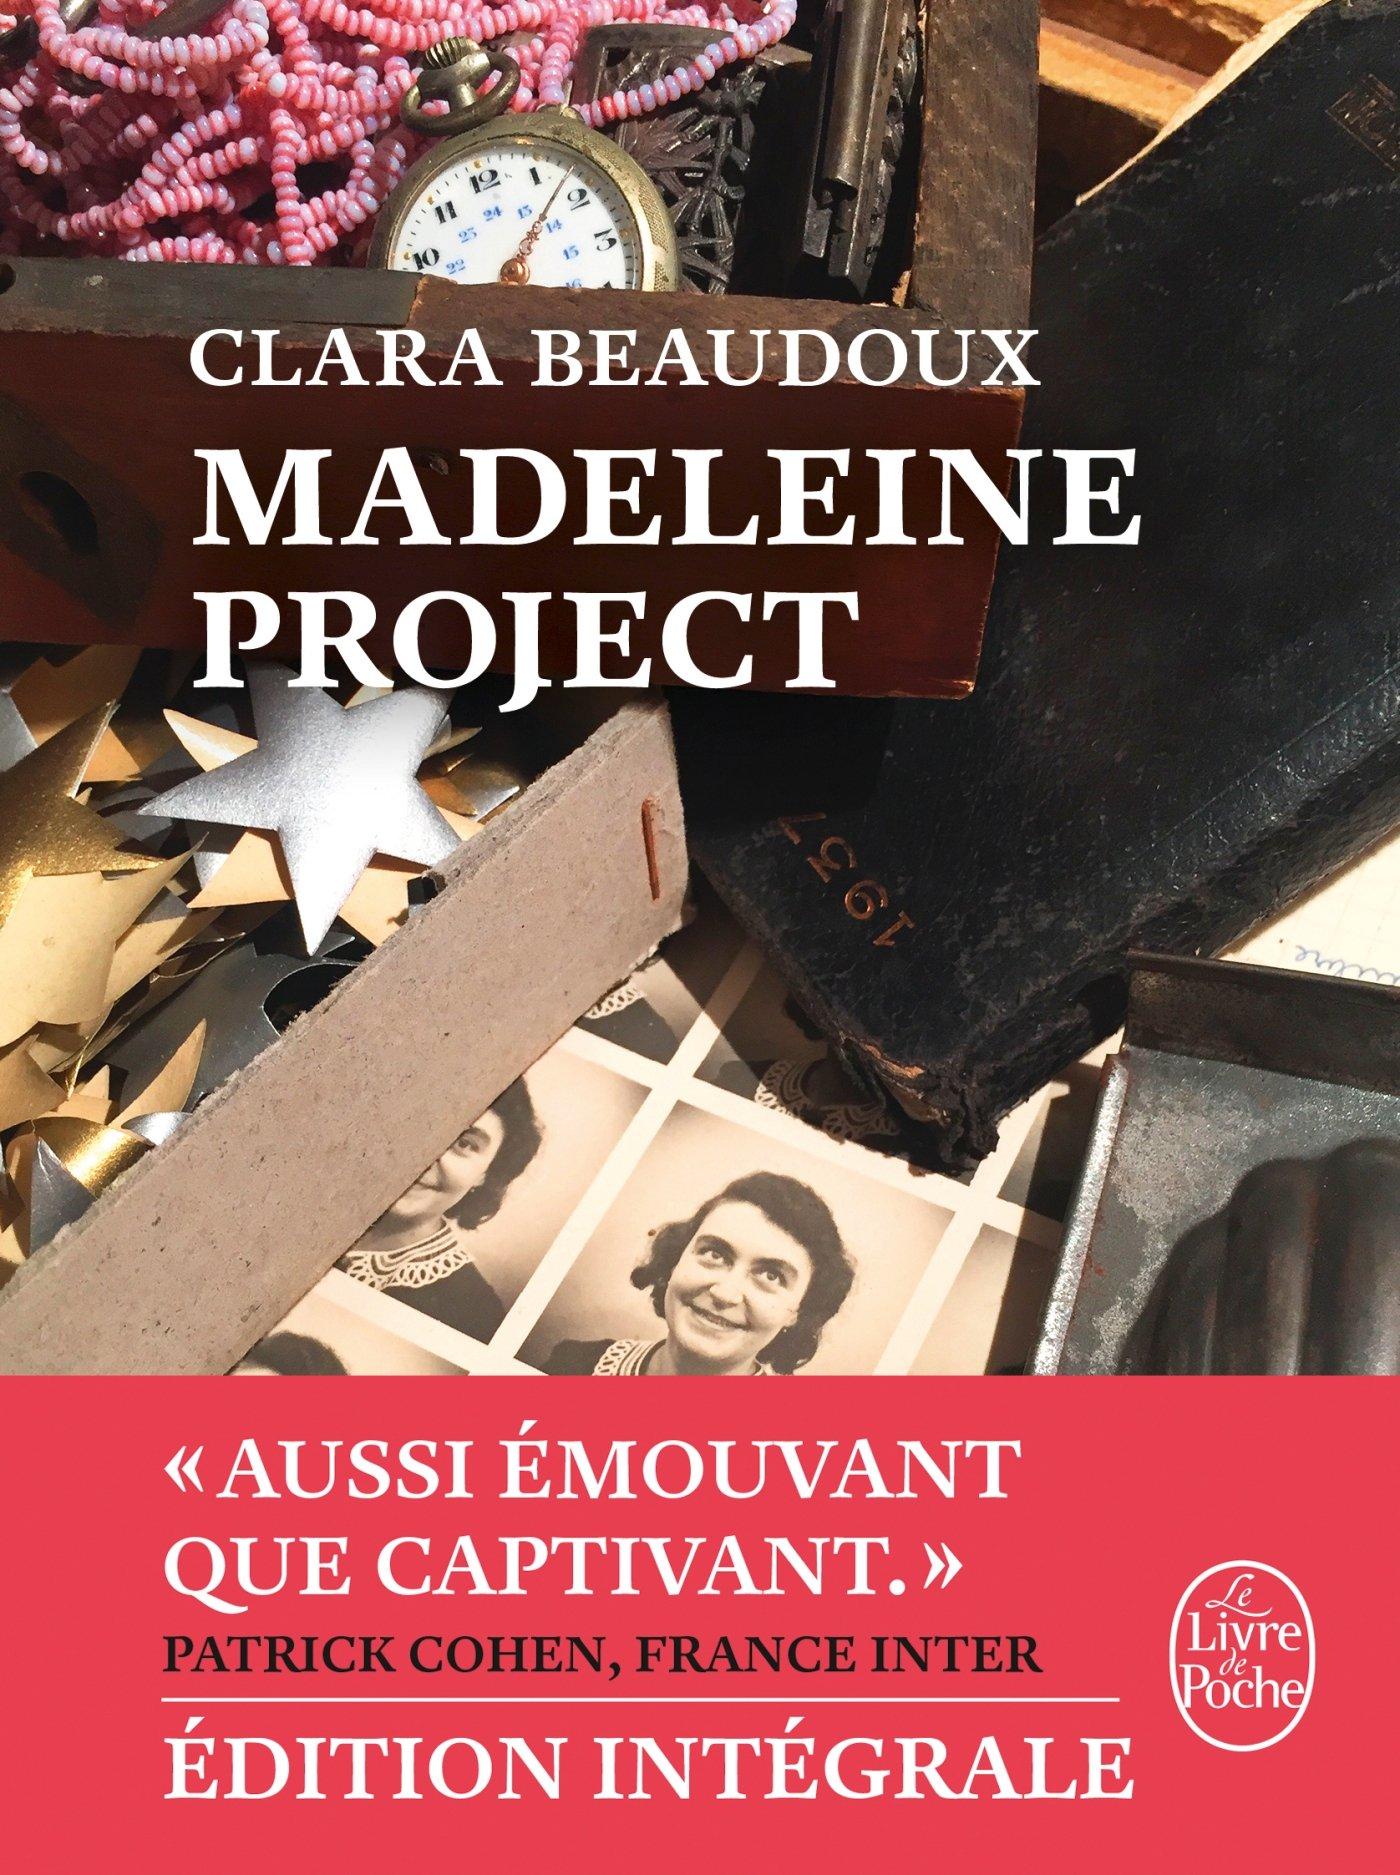 Madeleine project: Edition intégrale Poche – 2 novembre 2017 Clara Beaudoux Le Livre de Poche 2253091499 Actualités